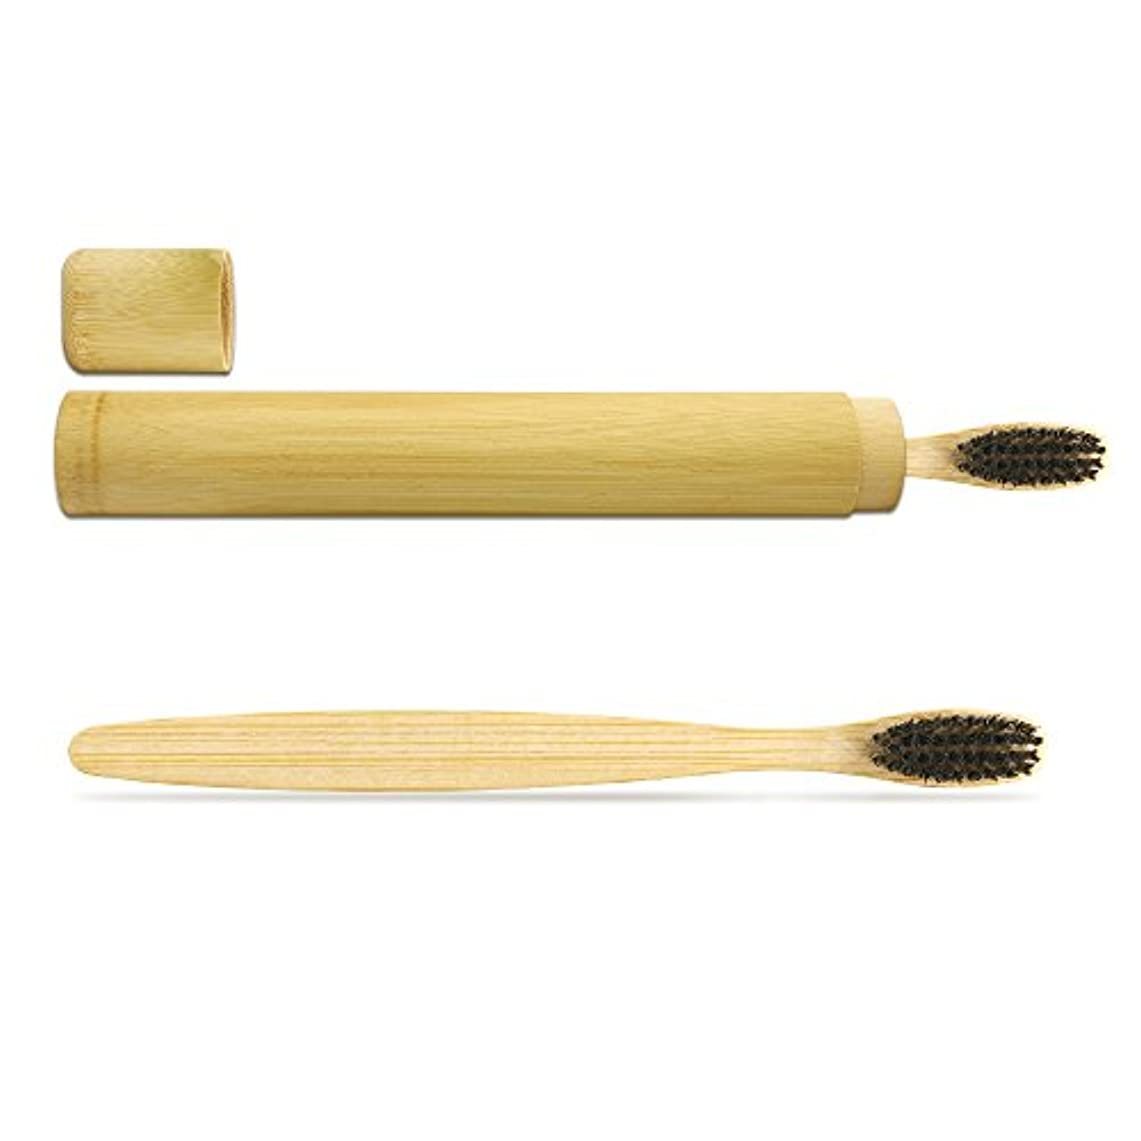 不倫ラダ権威N-amboo 竹製 高耐久度 歯ブラシ ケース付き 軽量 携帯便利 出張旅行